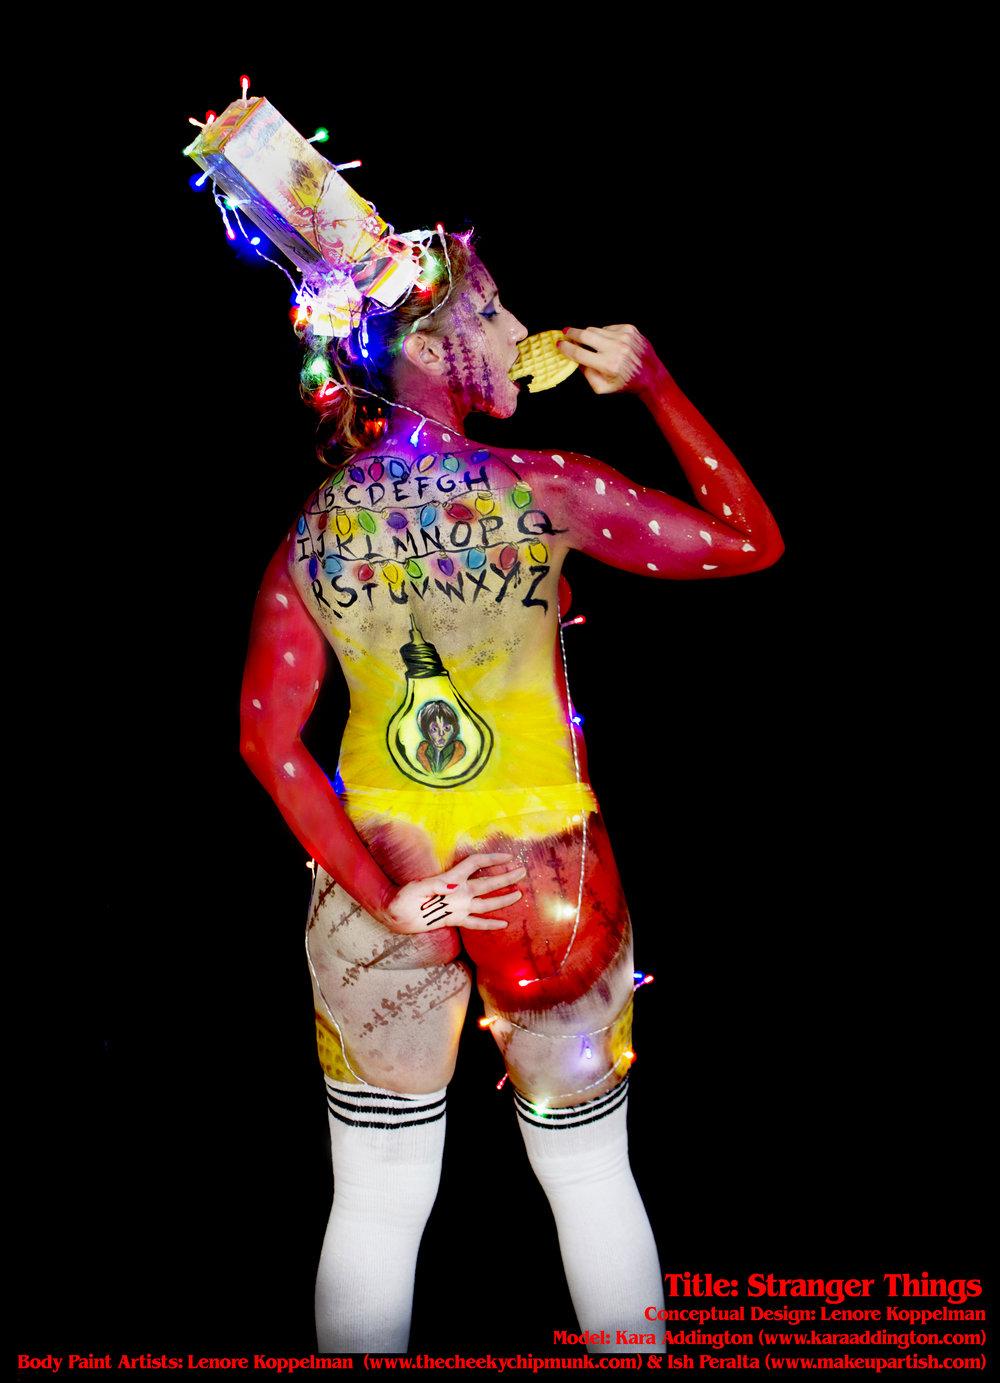 stranger things body painting kara 3.jpg